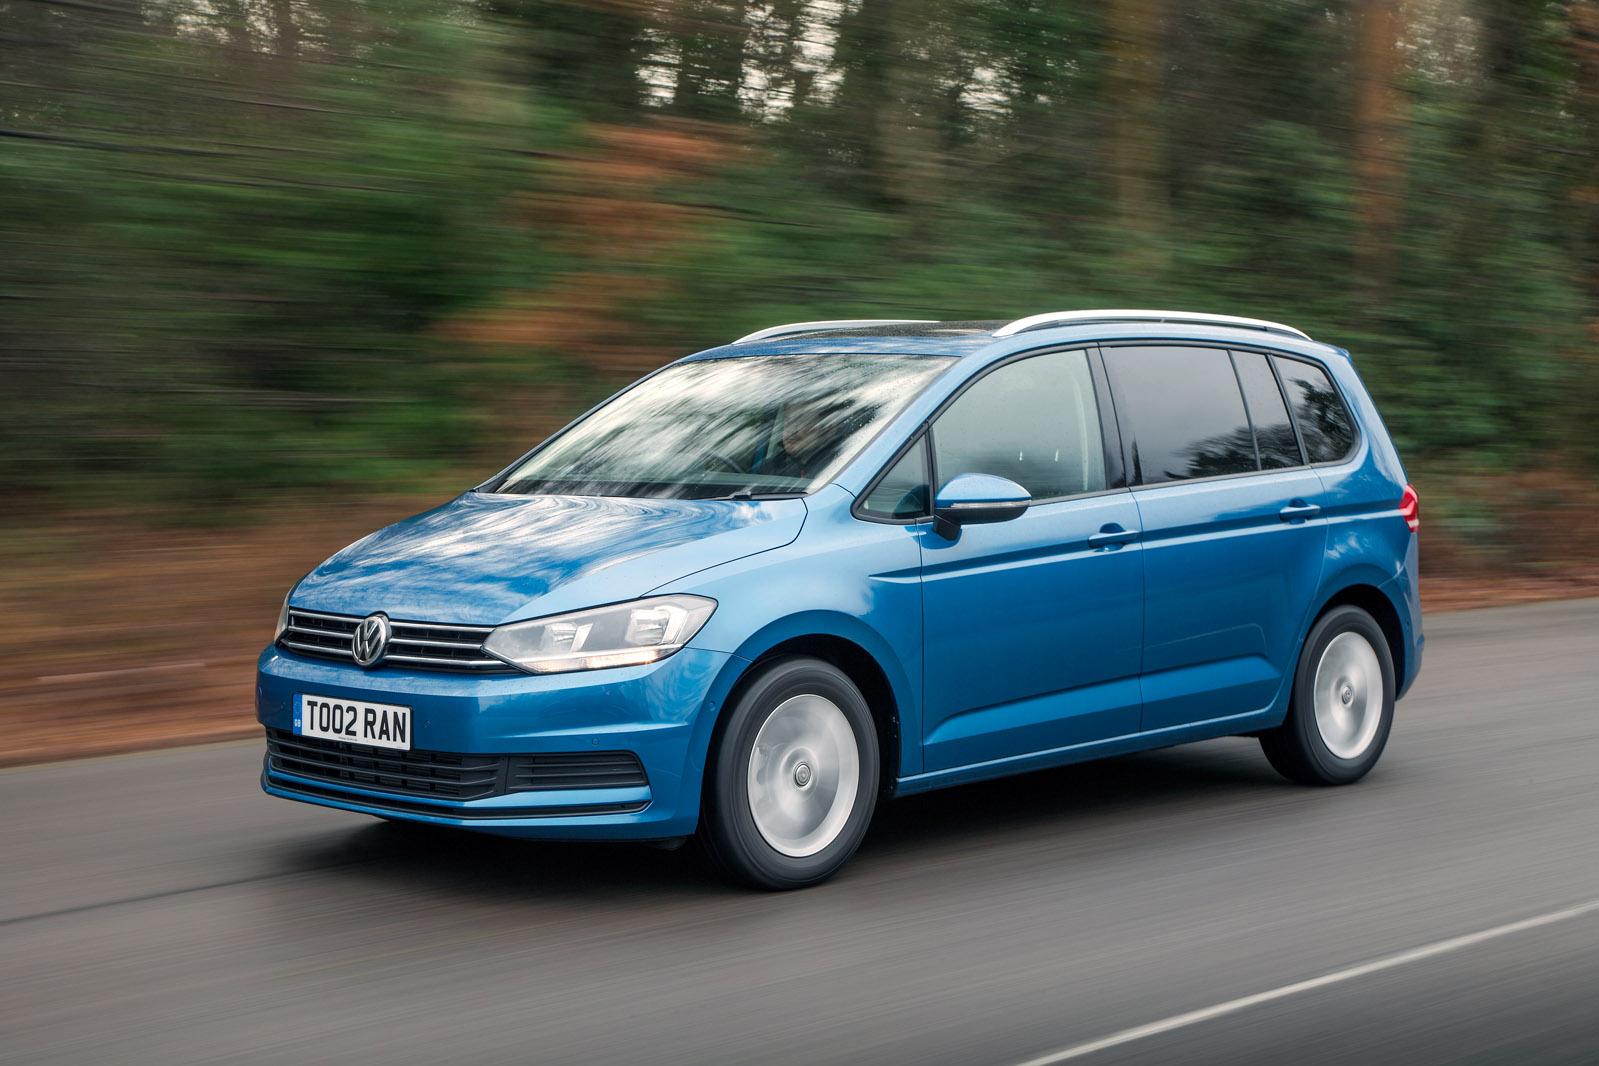 Volkswagen passat review 2017 autocar - Volkswagen Passat Review 2017 Autocar 30